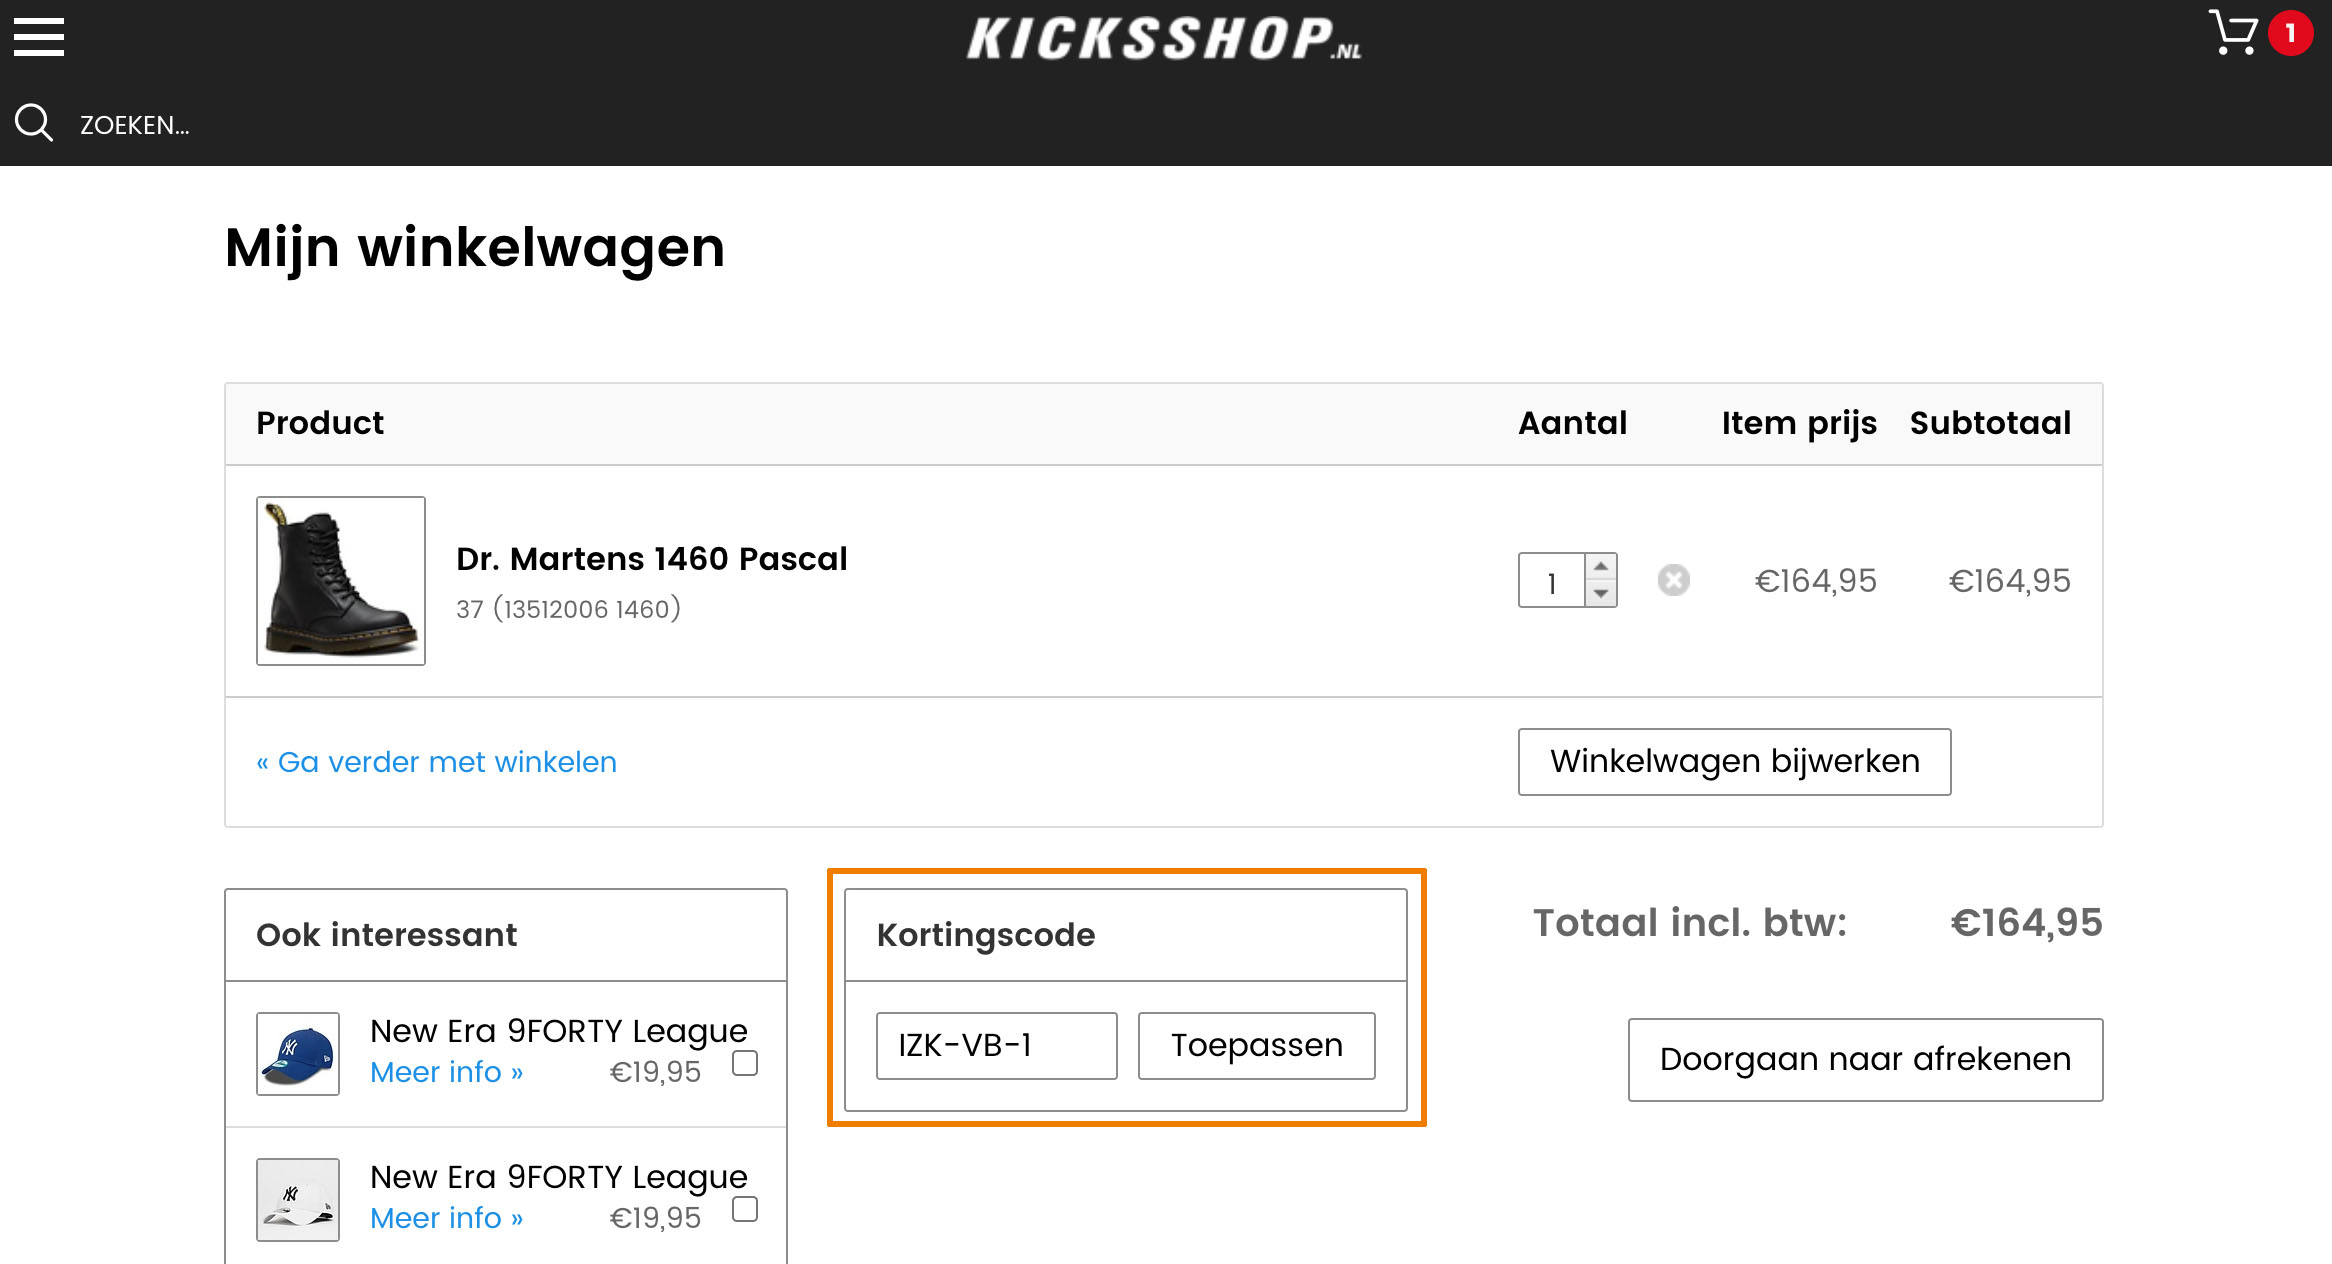 Hoe gebruik je een Kicksshop aanbieding